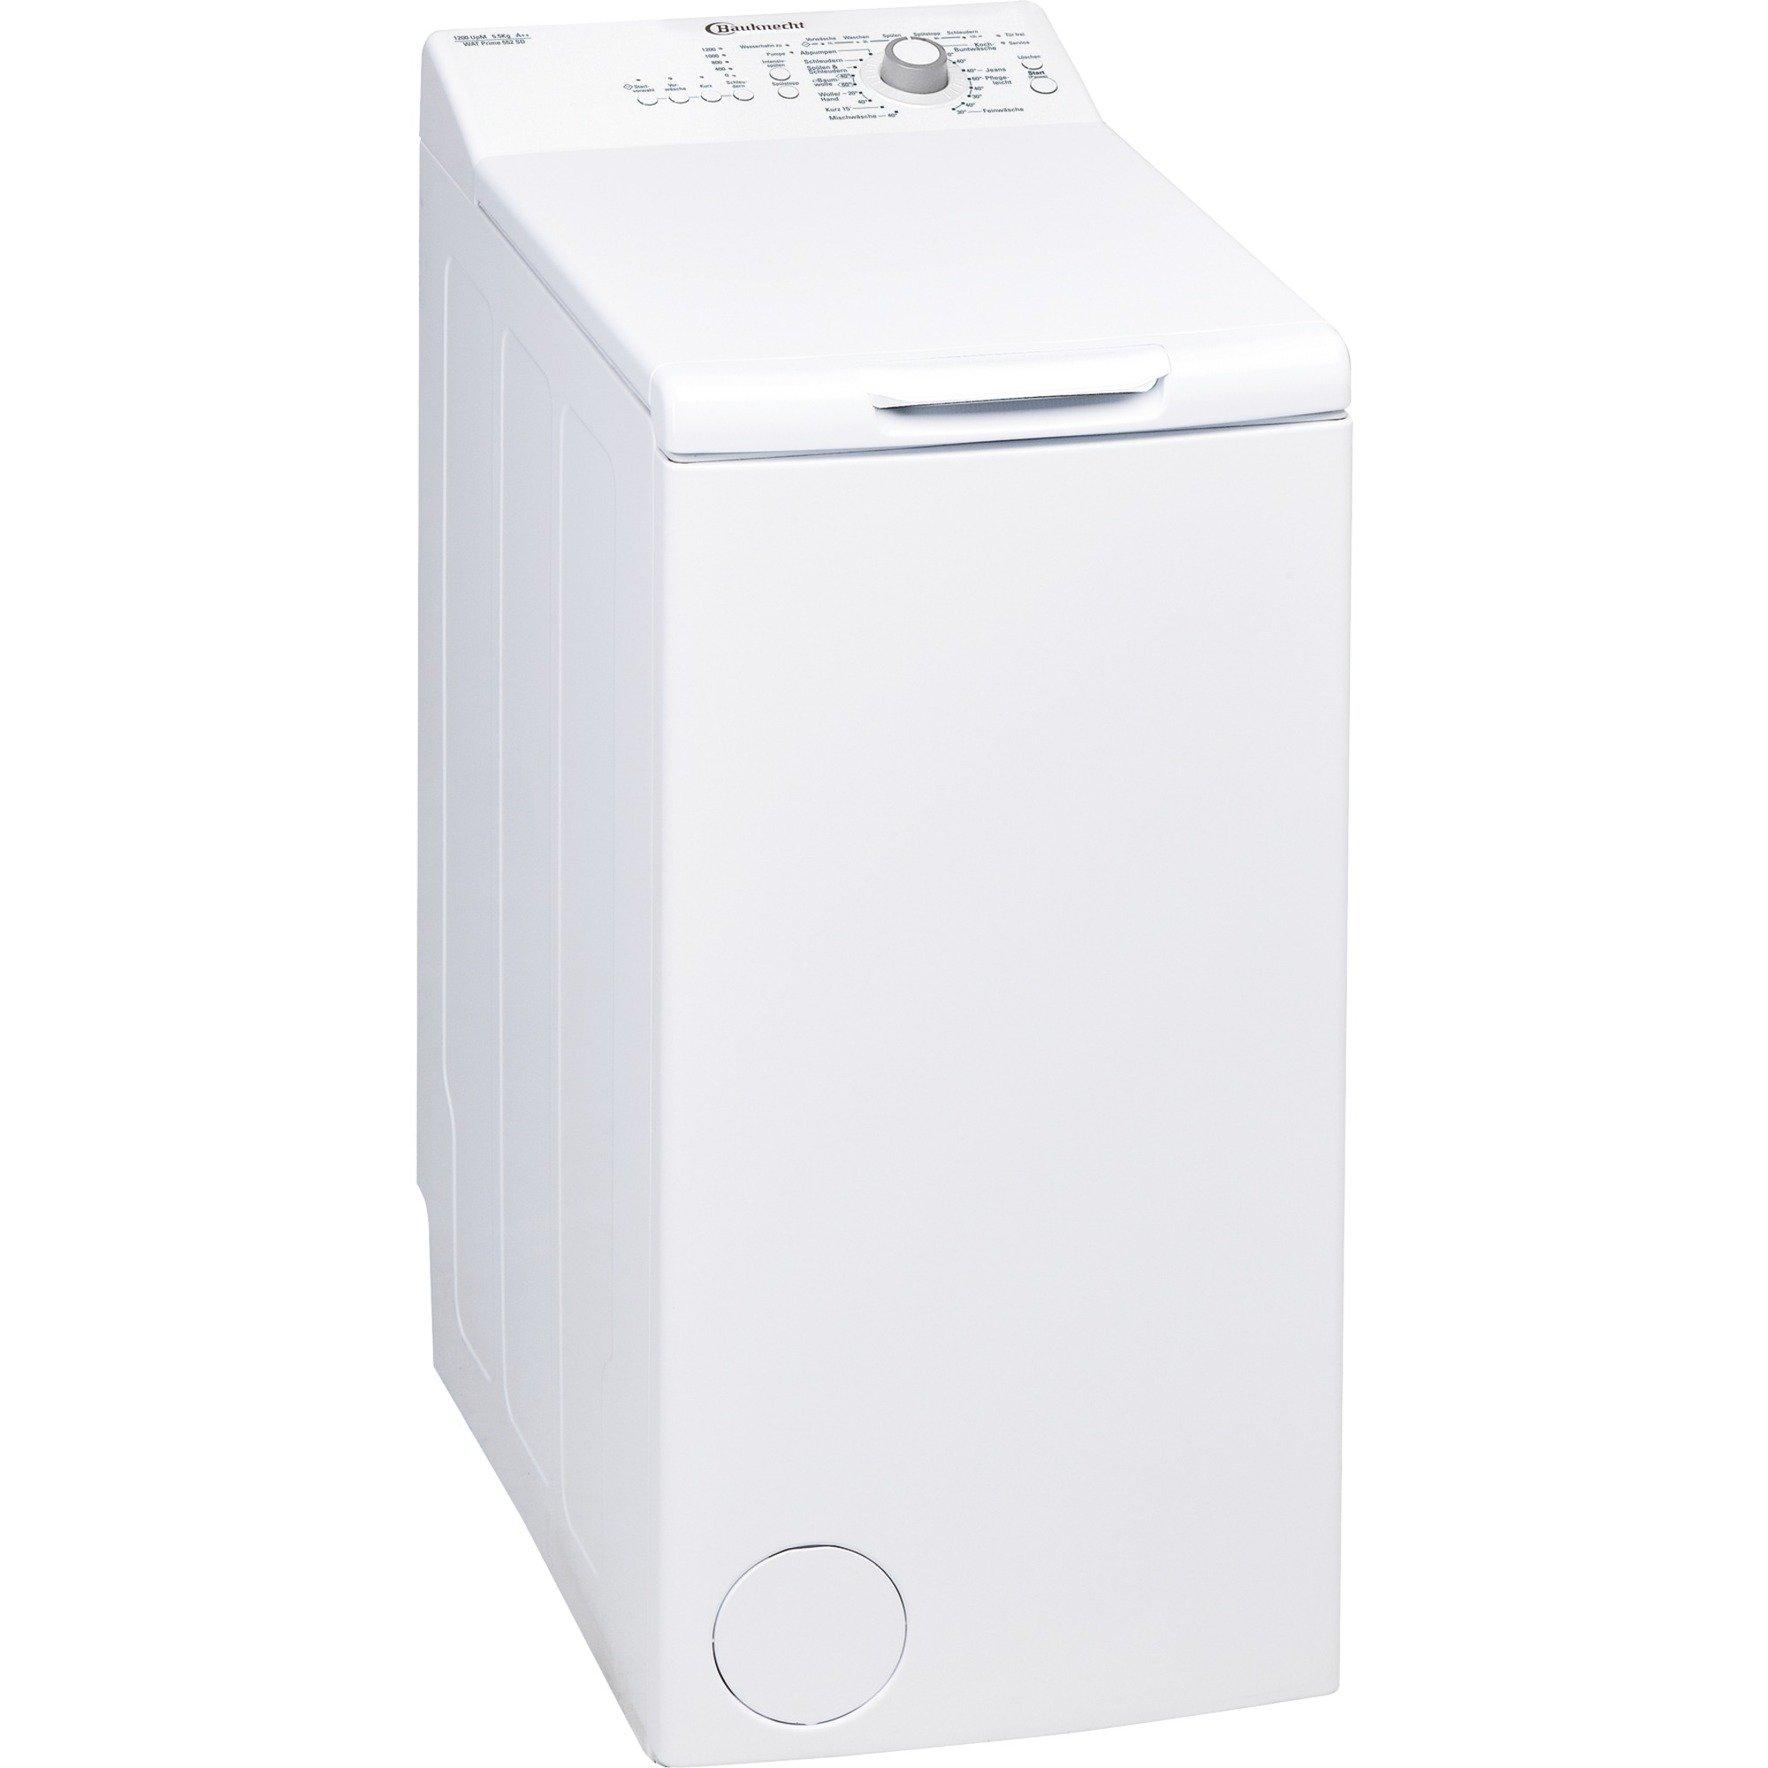 bauknecht waschmaschine toplader wat prime 552 sd 5 5 kg. Black Bedroom Furniture Sets. Home Design Ideas